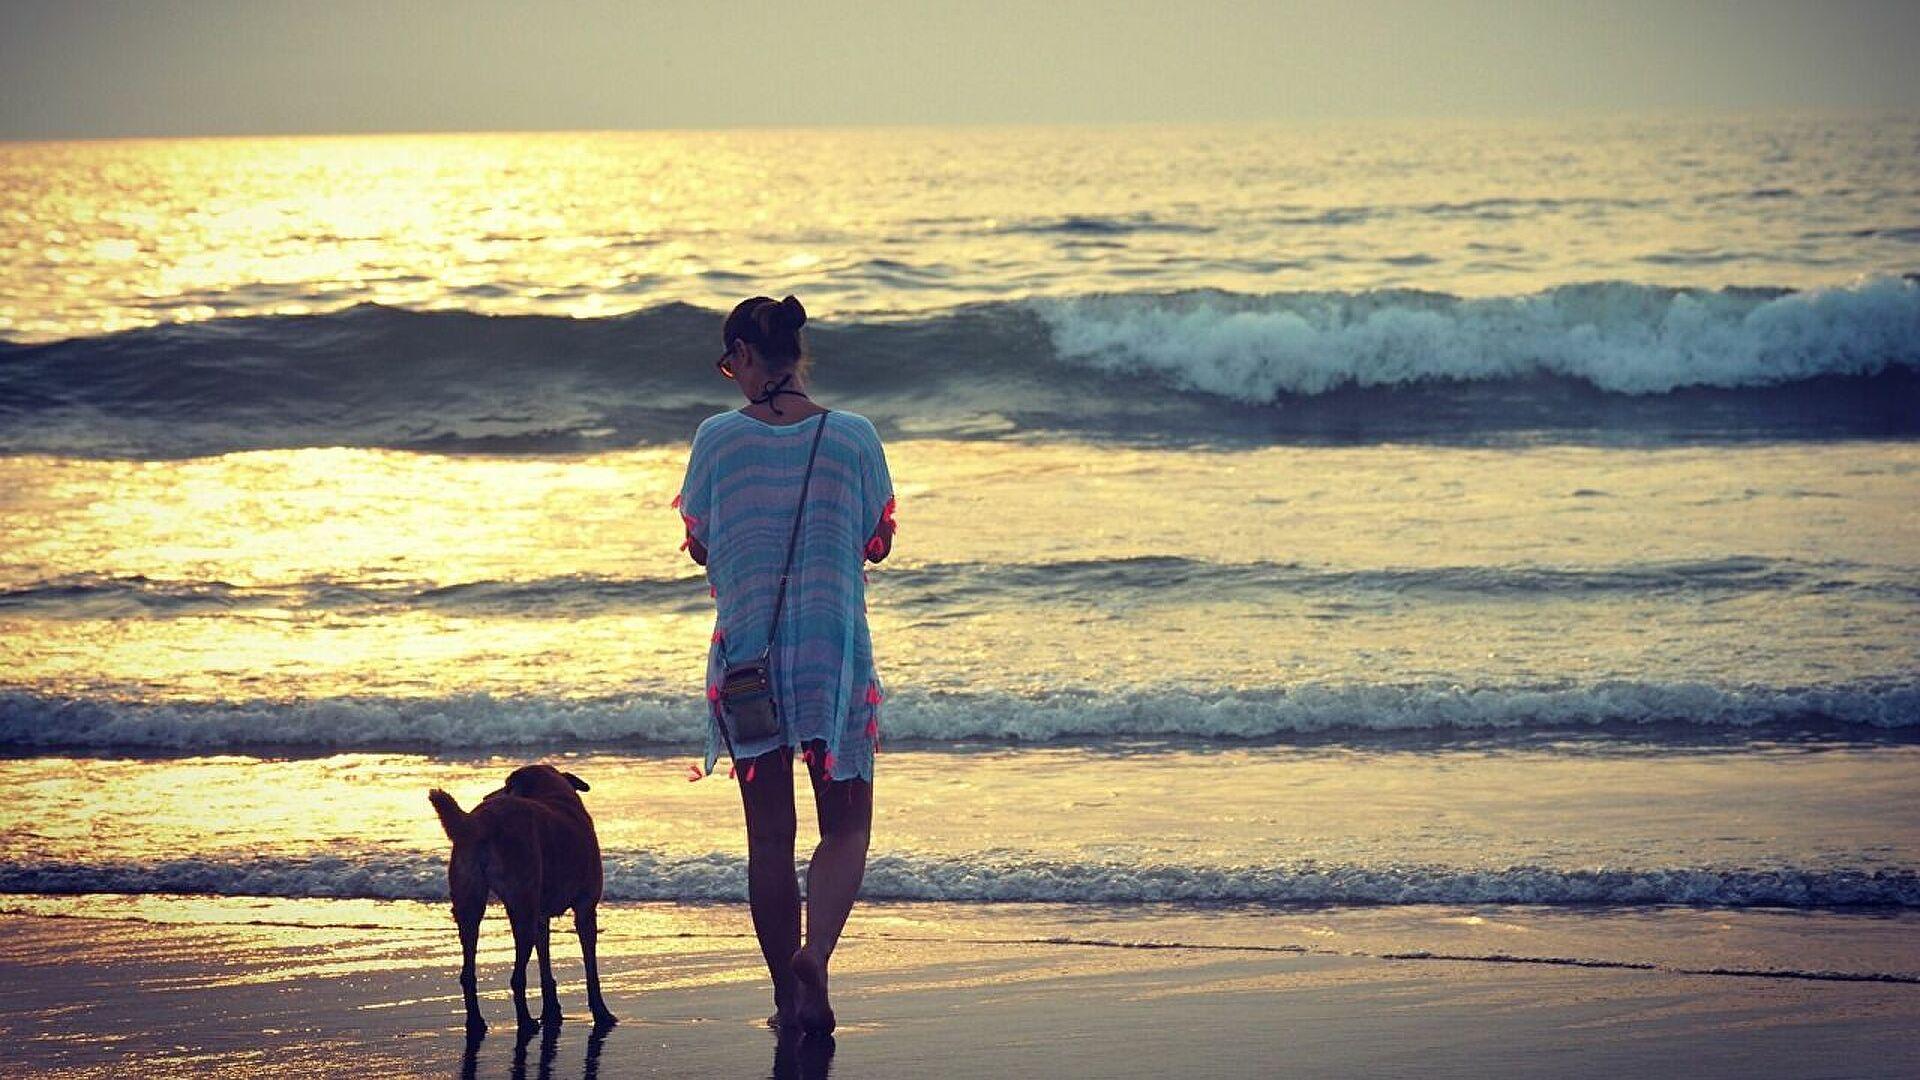 Кинолог рассказал, каких собак можно брать с собой на пляж